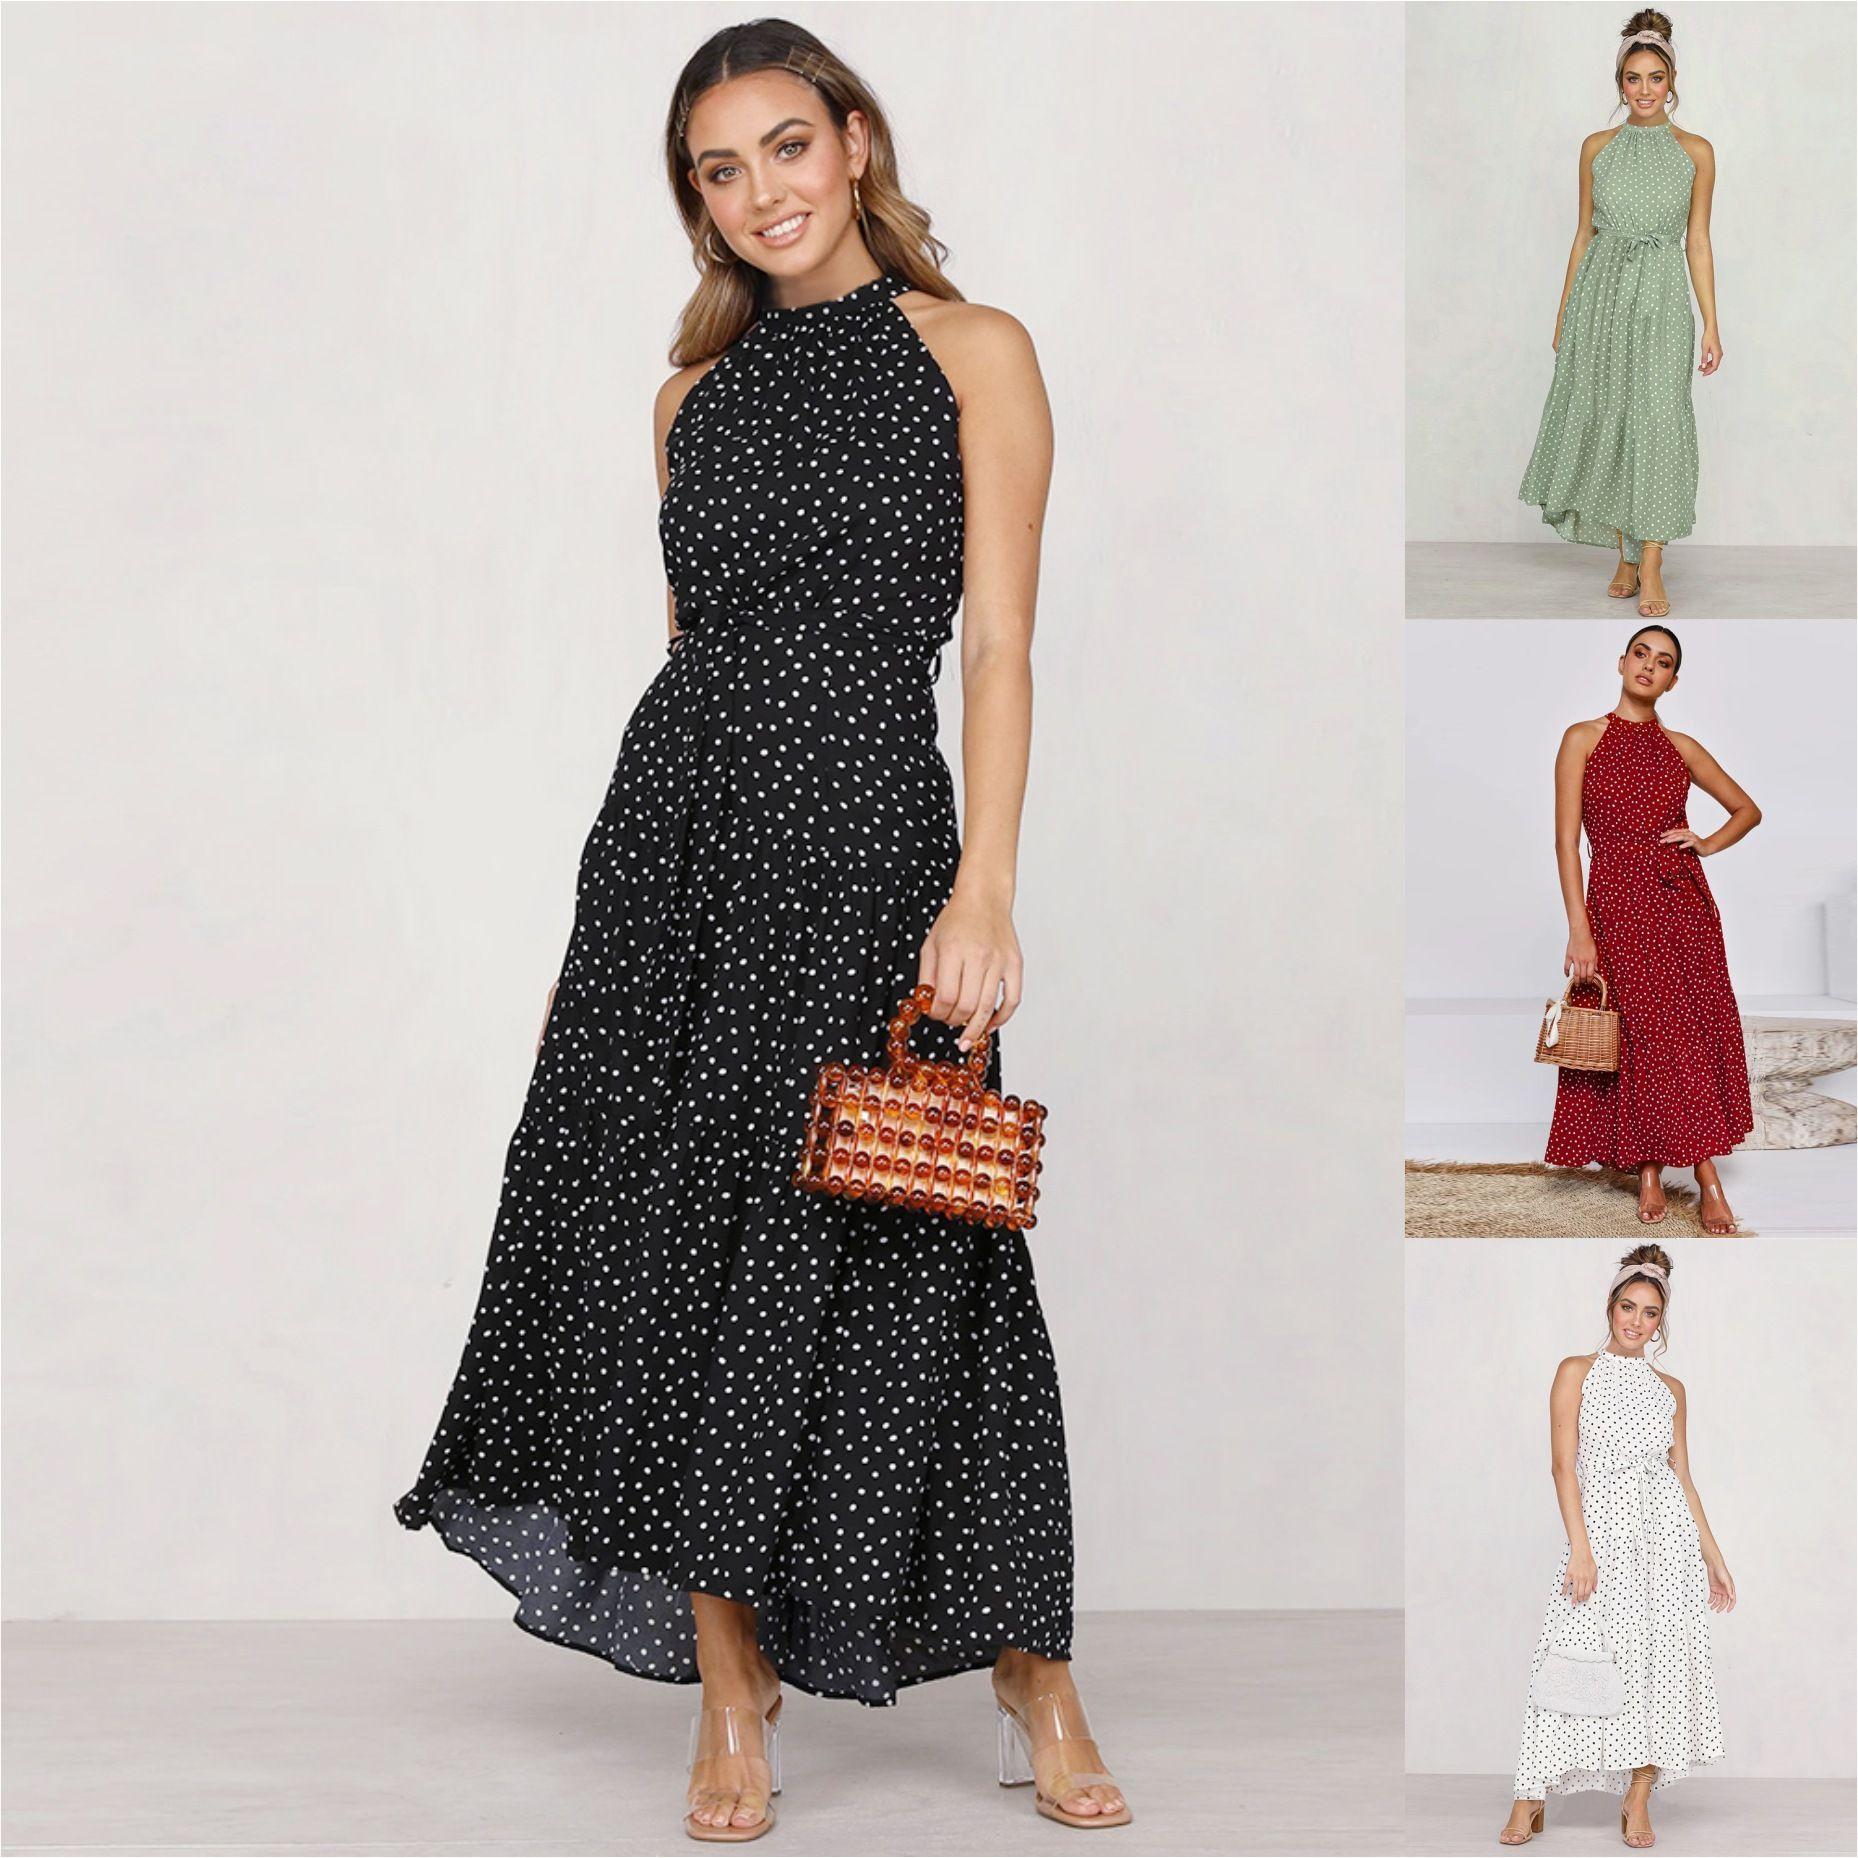 여름 우아한 섹시 비치 긴 드레스 여성 2020 패션 인쇄 꽃 폴카 도트 스트랩 여성 고삐 보헤미안 드레스 여성 vestidos